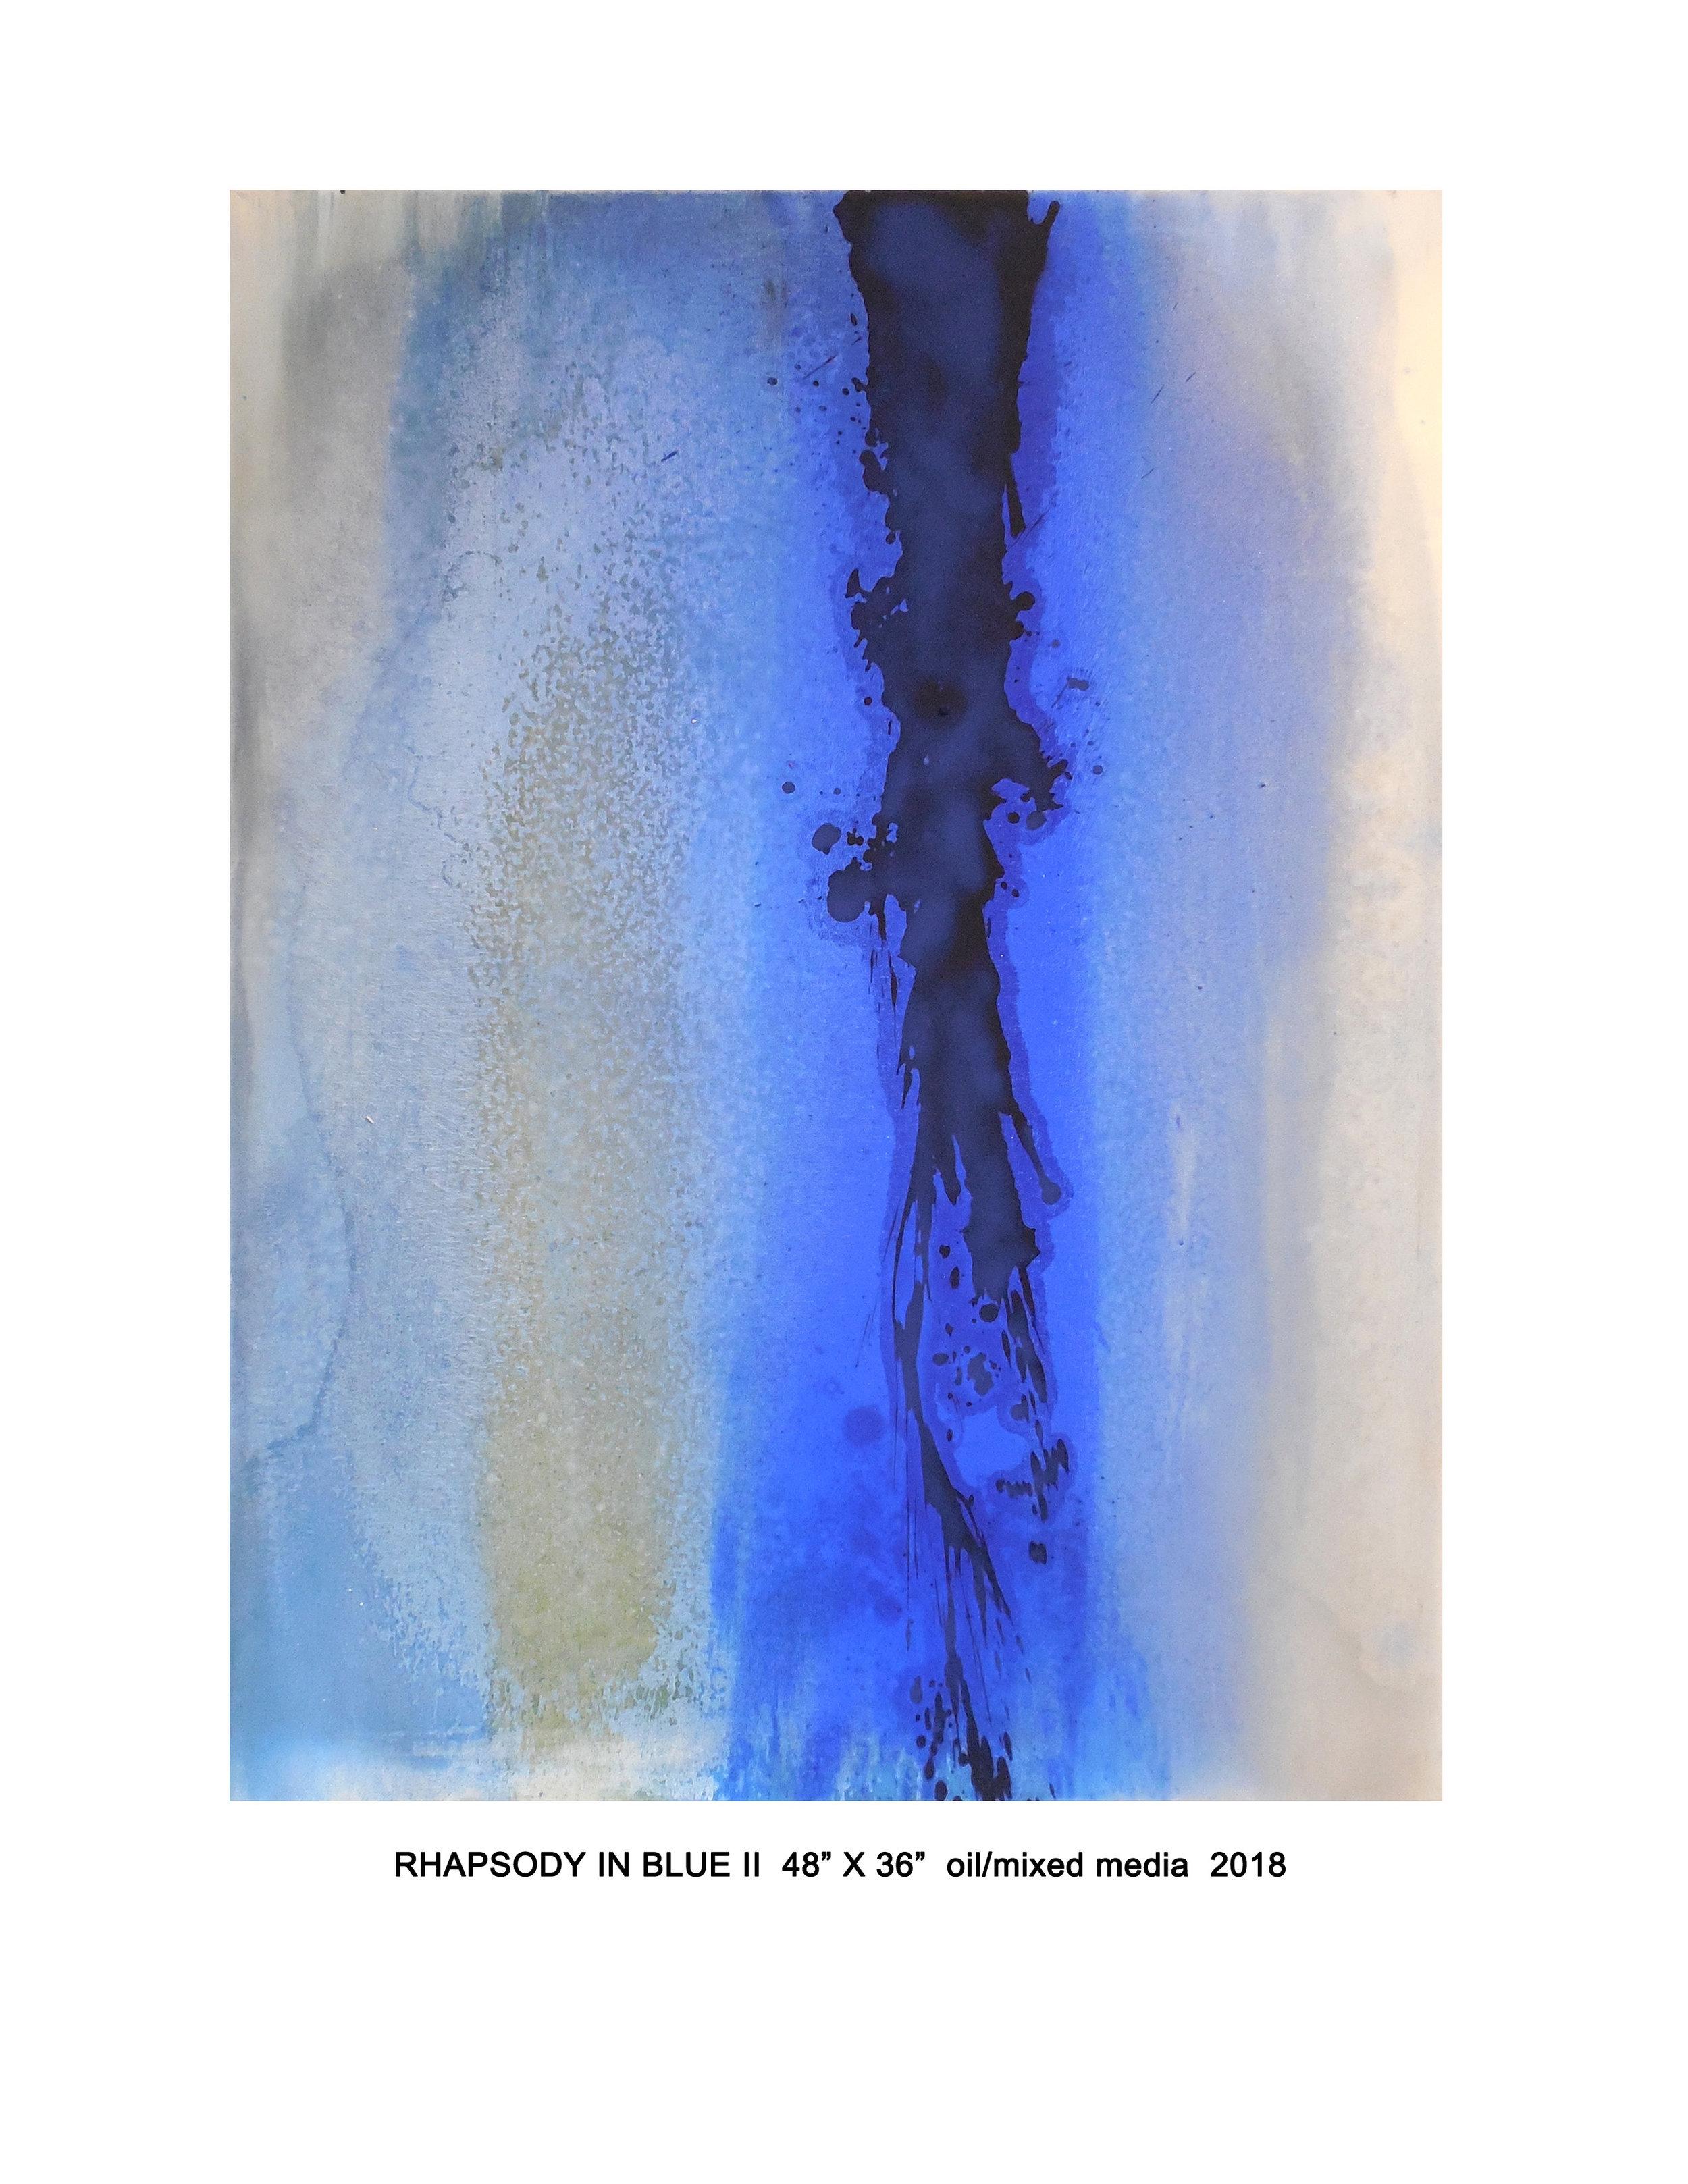 Rhapsody in blue II